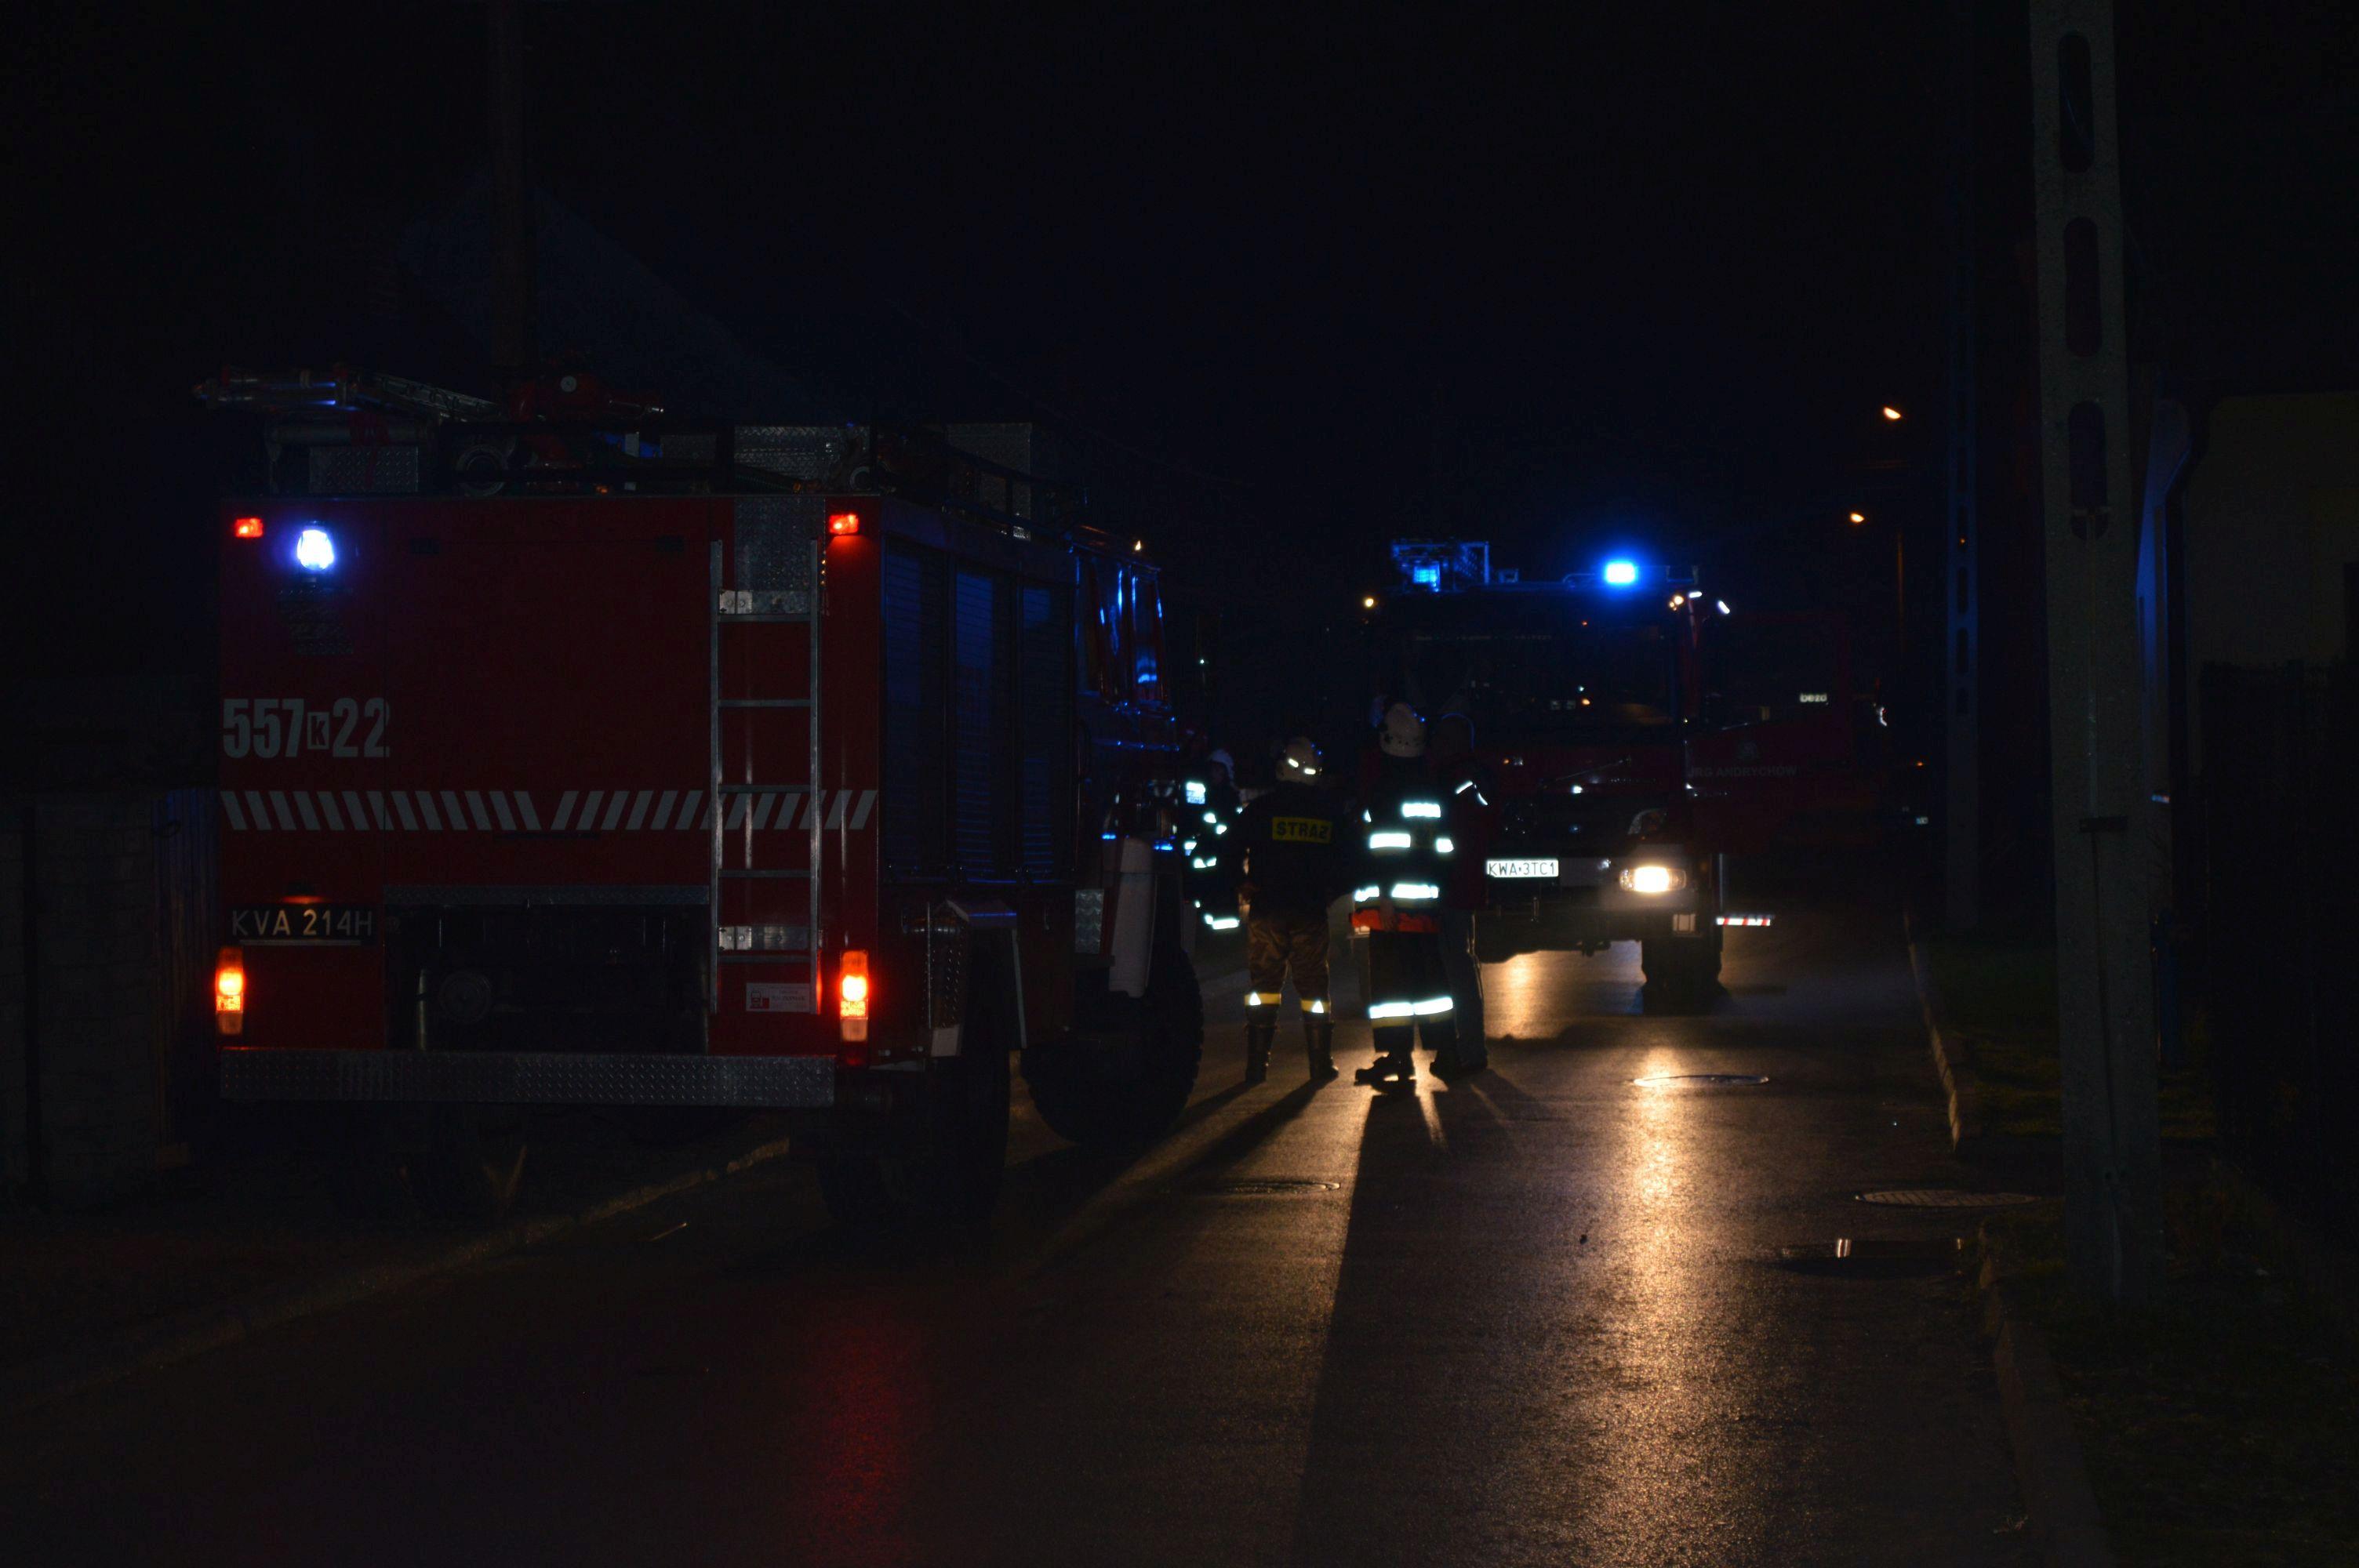 Strażacy w akcji: nad ranem spłonęły dwa samochody, wiatr uszkodził dwa domy i łamał drzewa